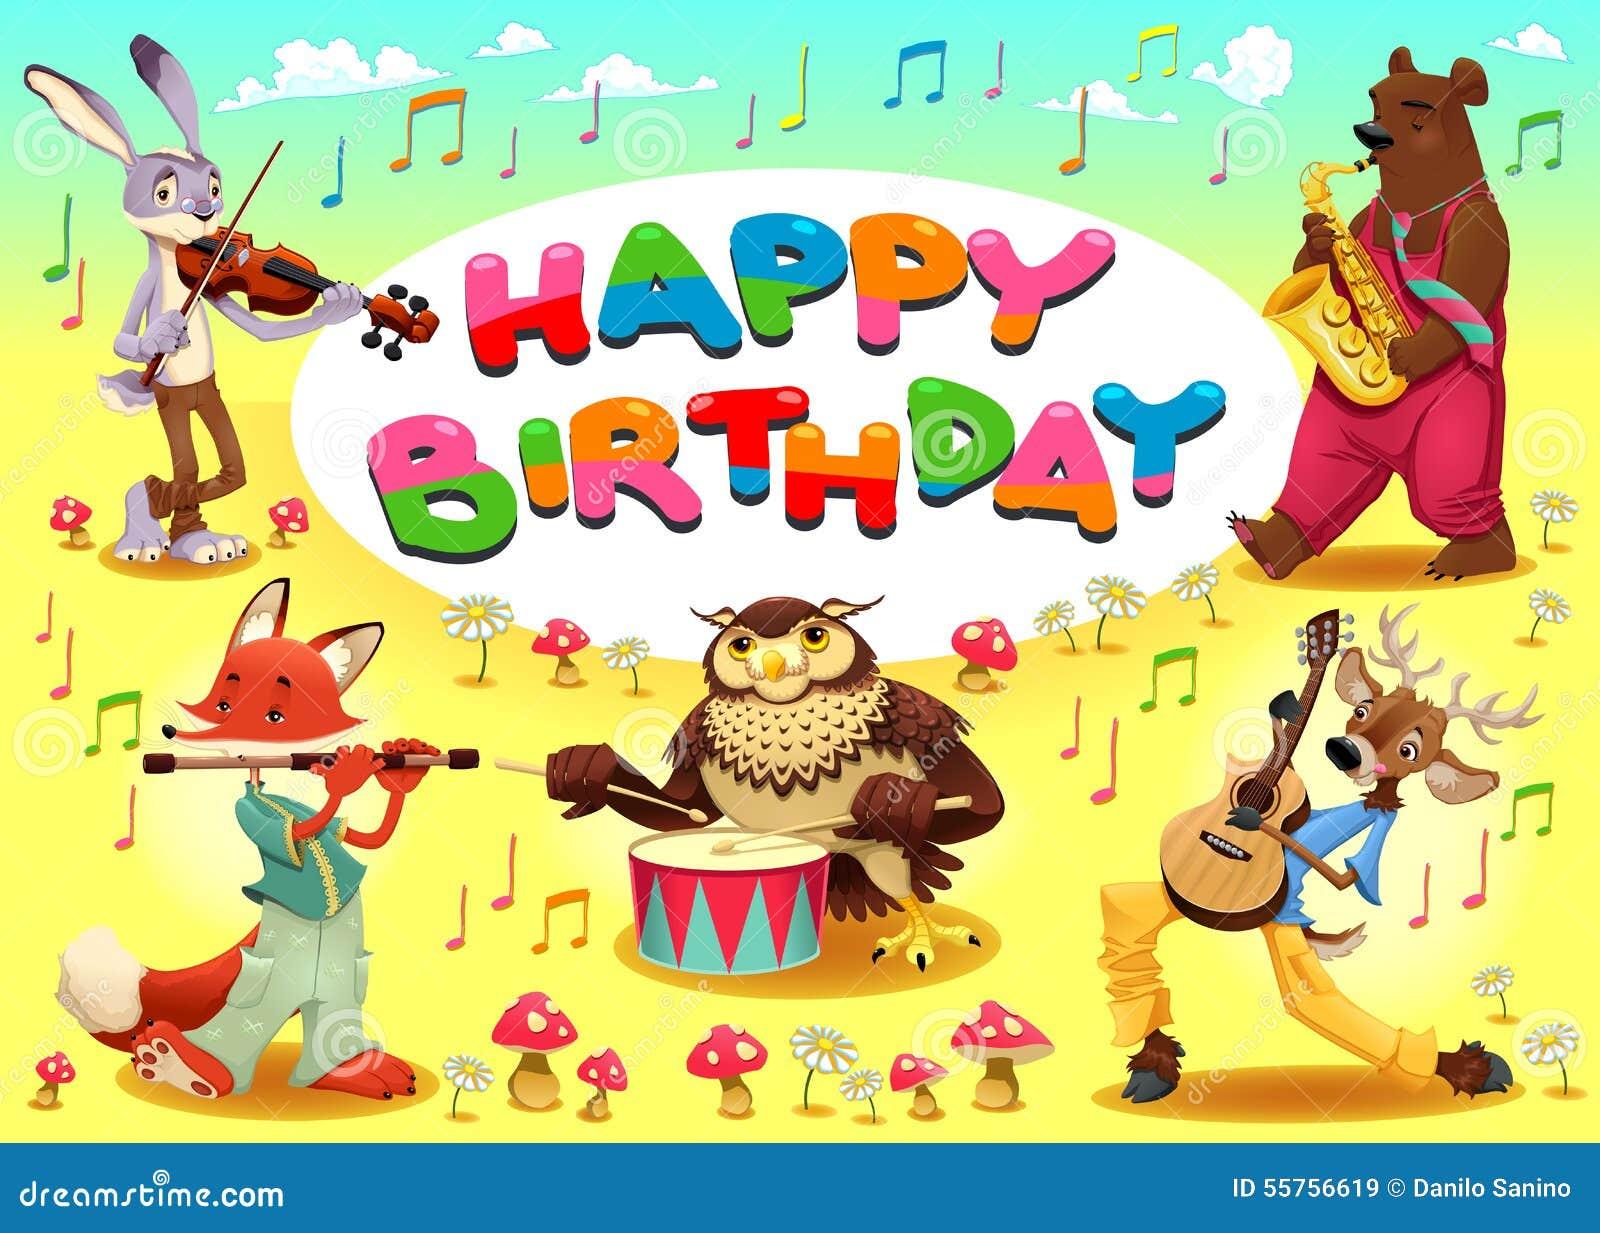 Поздравление с днем рождения прикольные певице6